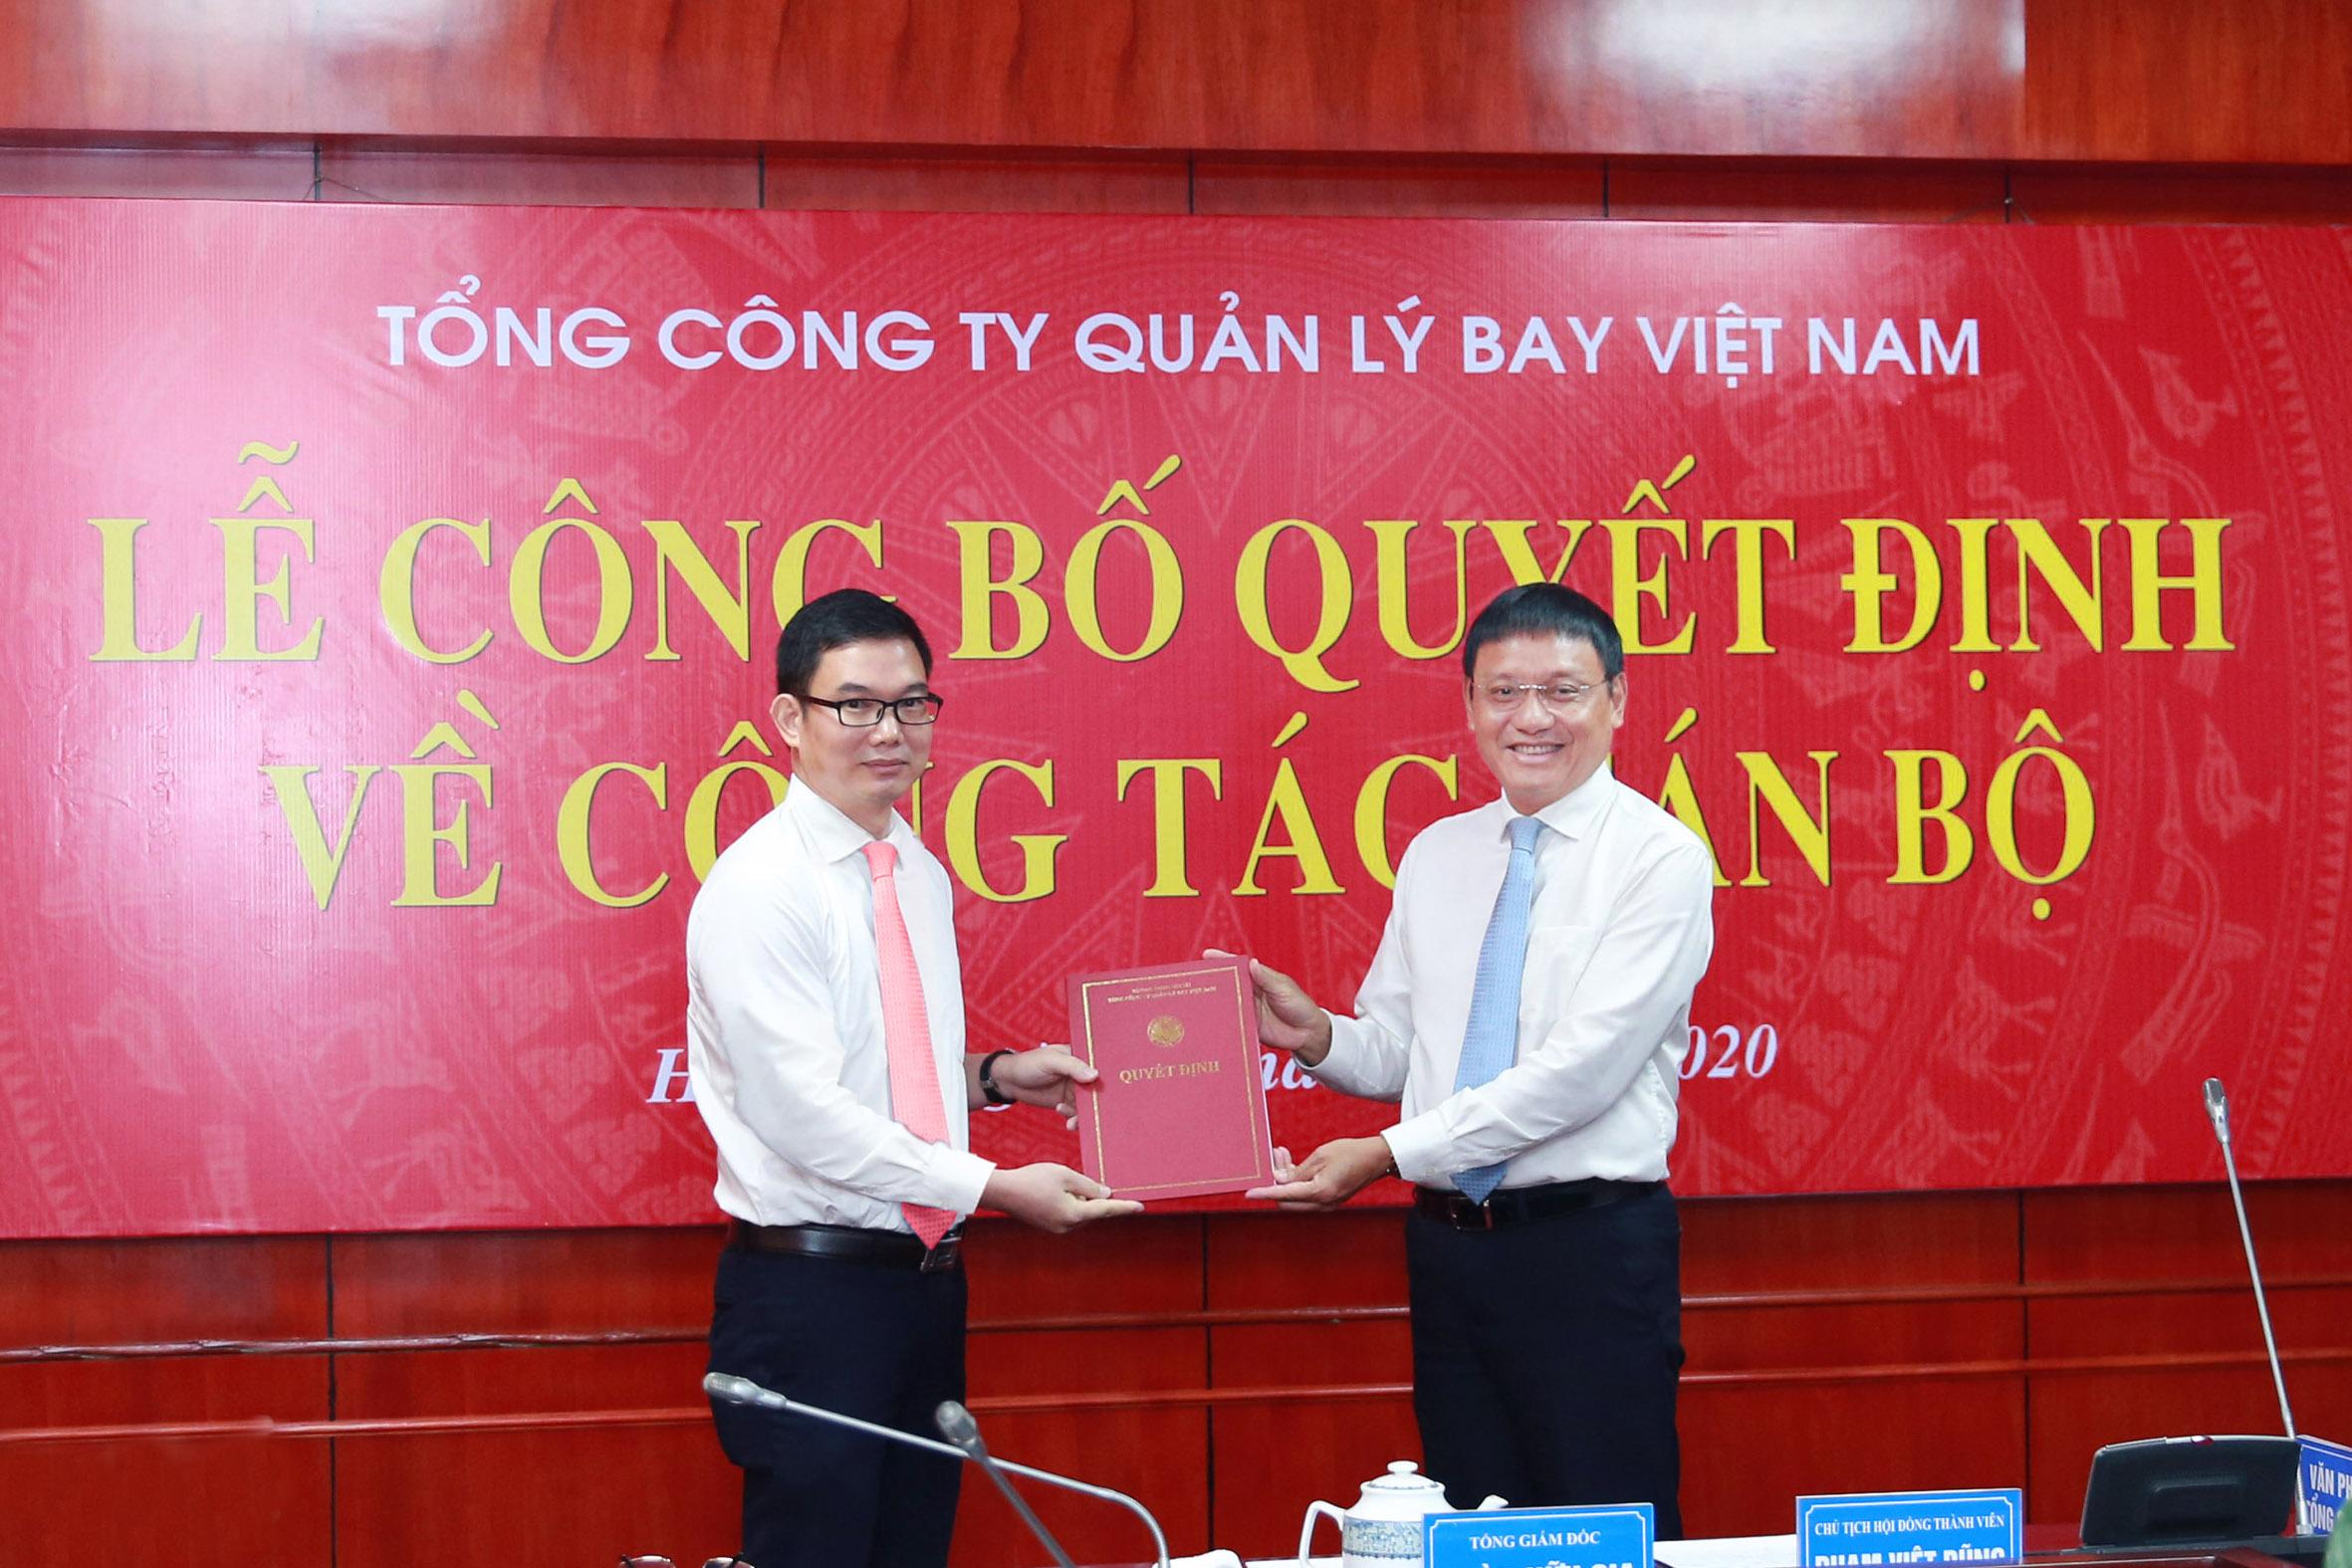 VATM: Công bố và trao quyết định bổ nhiệm Phó Tổng Giám đốc